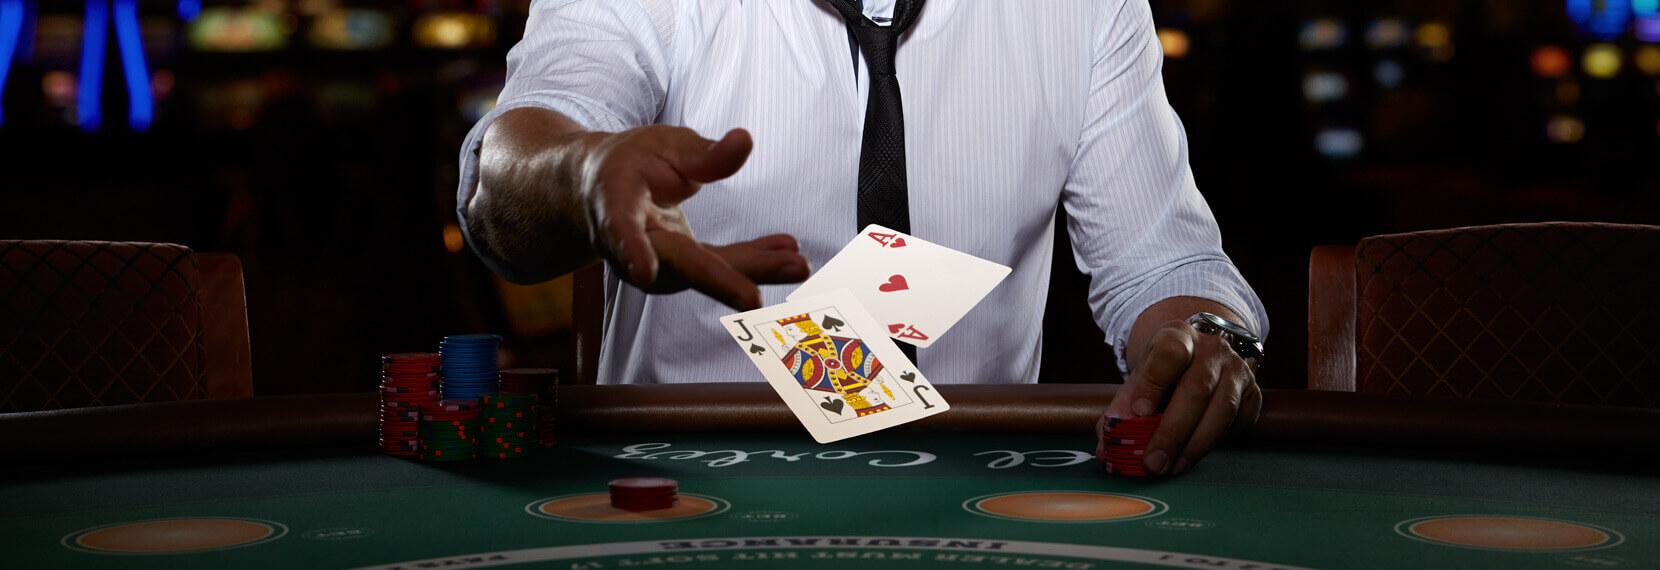 Blackjack en ligne : trouver le Blackjack qui fera plaisir